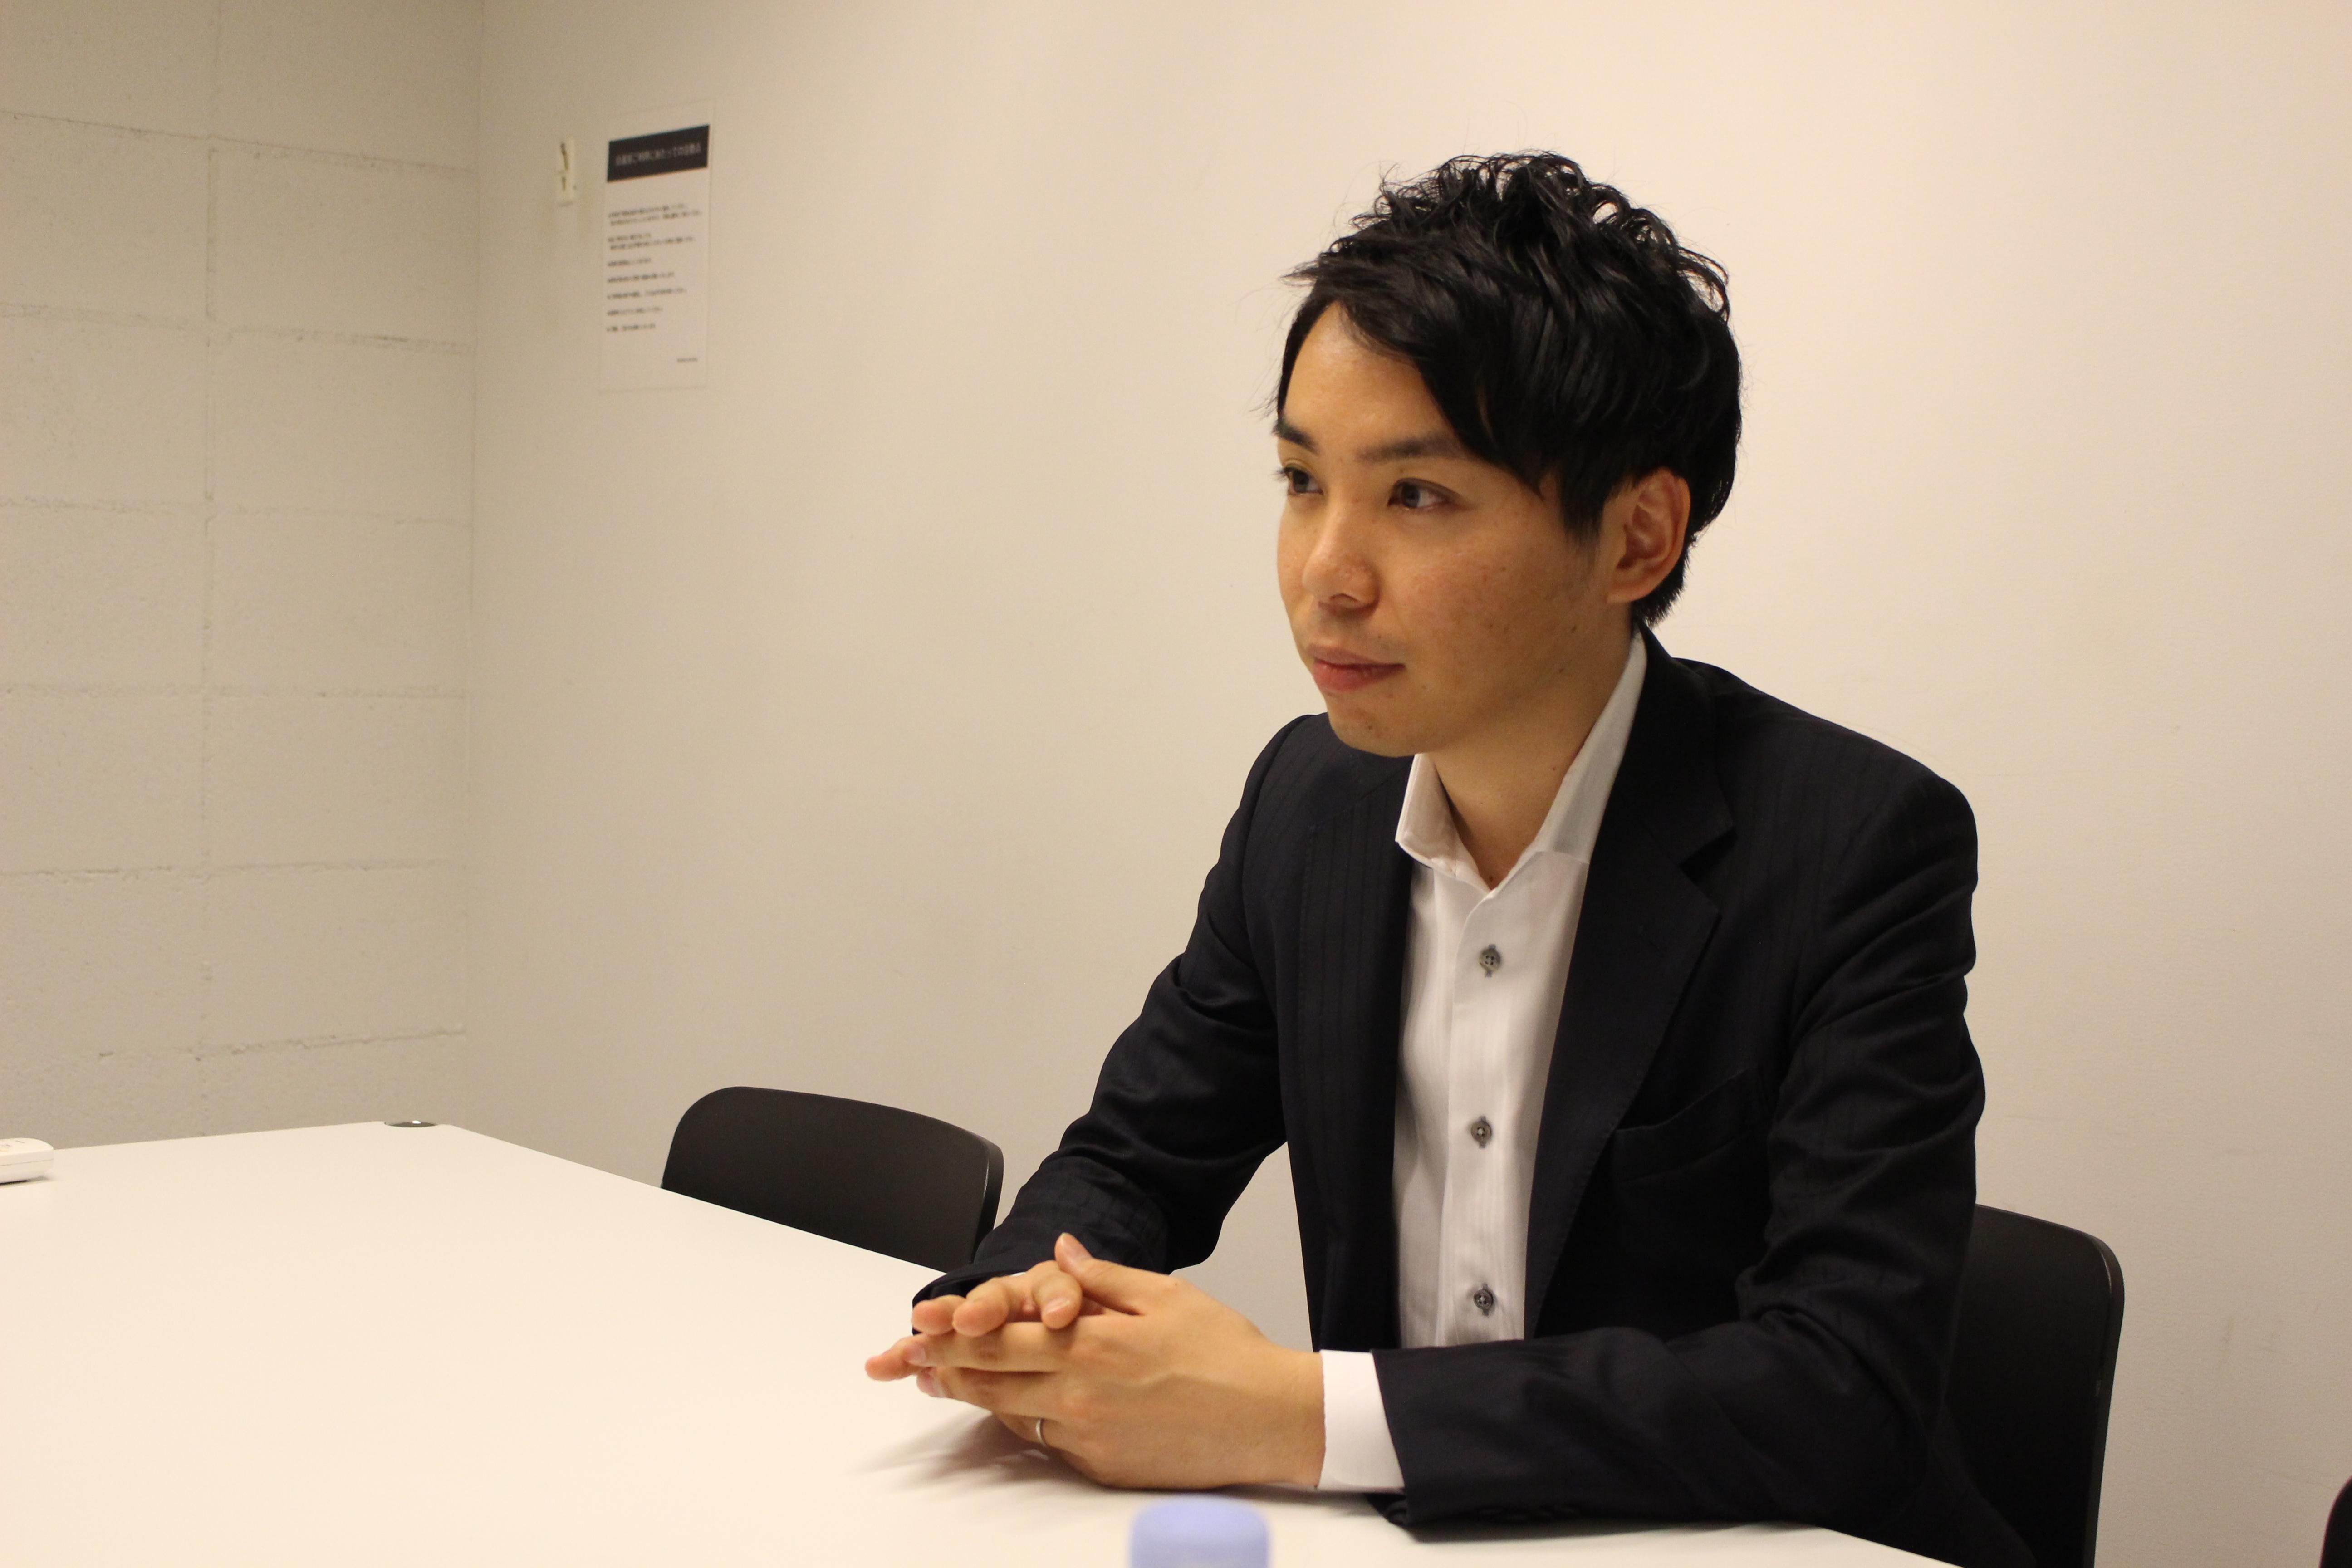 土井一真さんのインタビュー写真1